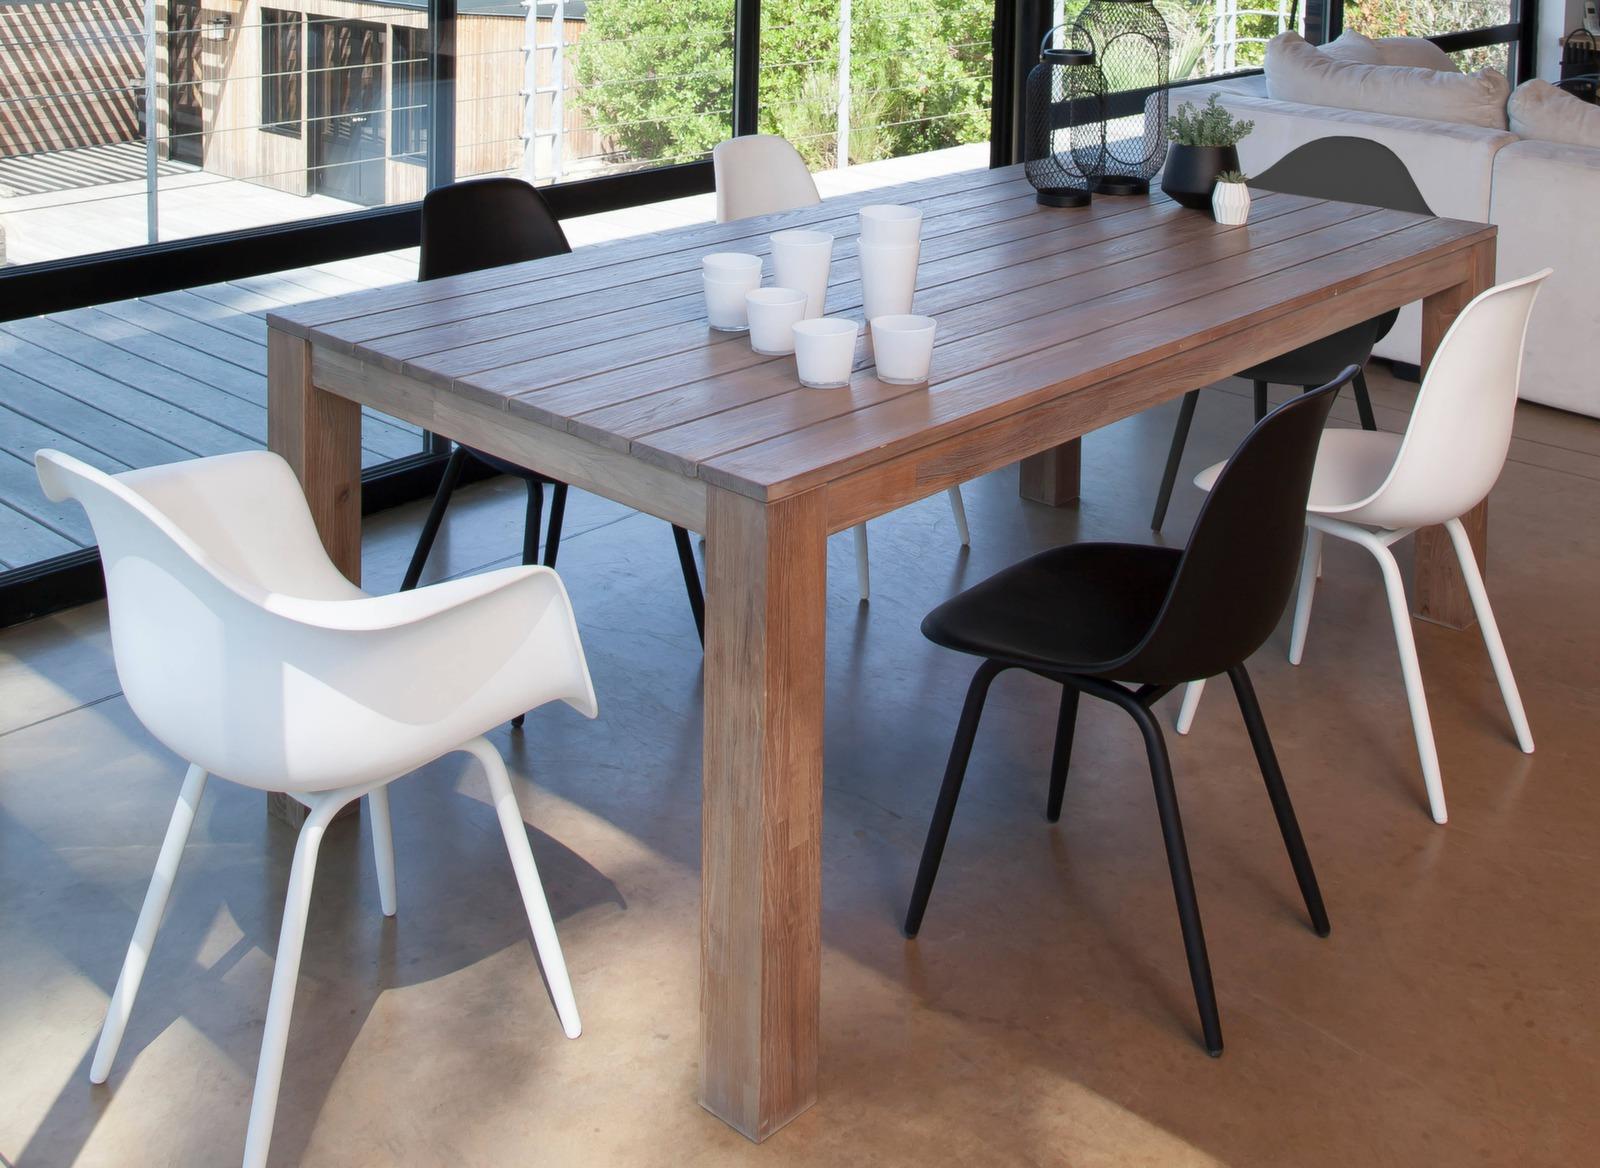 chaises de jardin vintage moss lot de 4 mobilier proloisirs. Black Bedroom Furniture Sets. Home Design Ideas